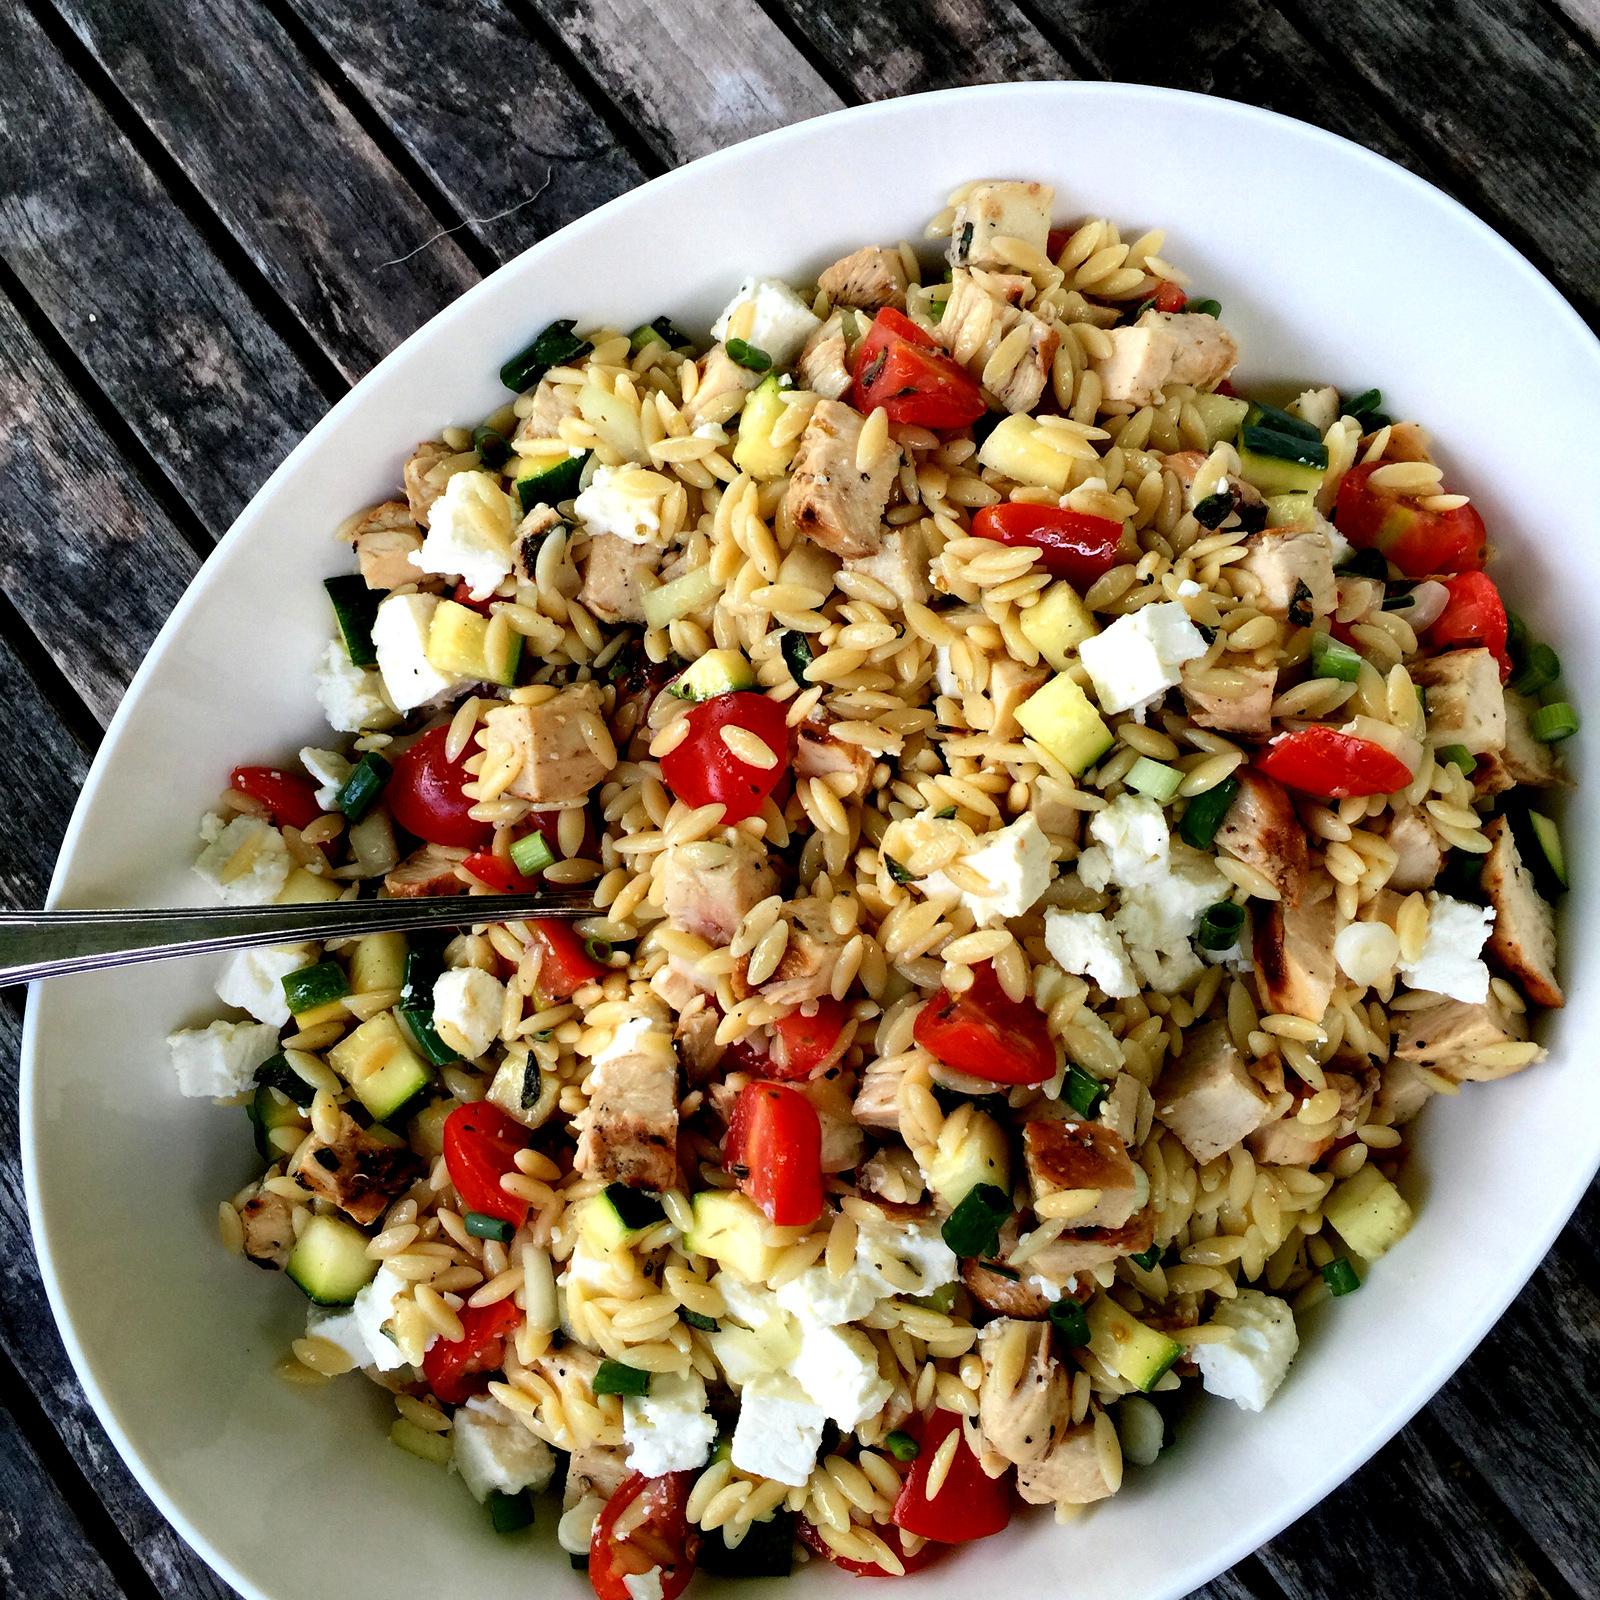 Greek Chicken and Pasta Salad